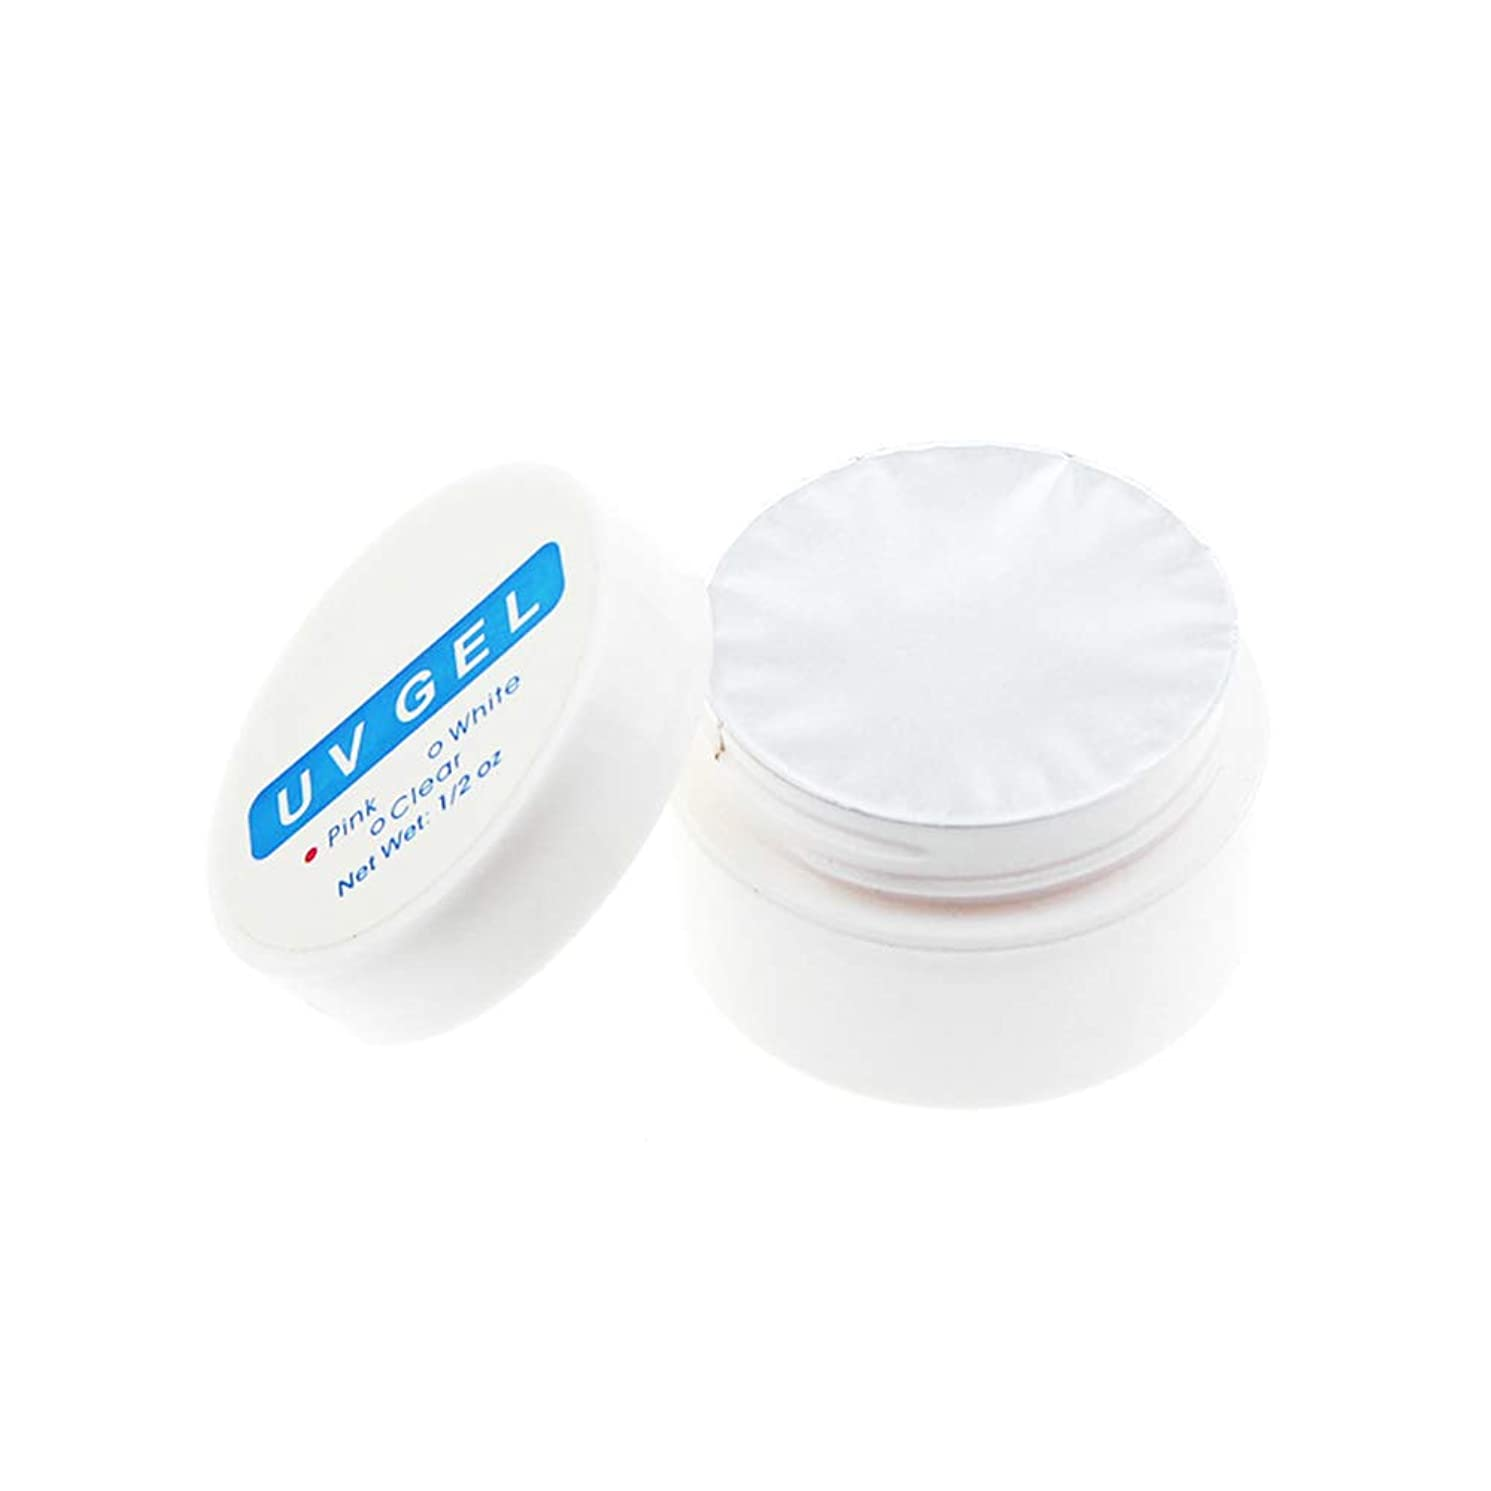 エゴマニア芸術フォロー1st market 透明な実用的なUV光線療法ネイル用品ネイル用クリスタルネイル延長接着剤必須のUVジェル、透明